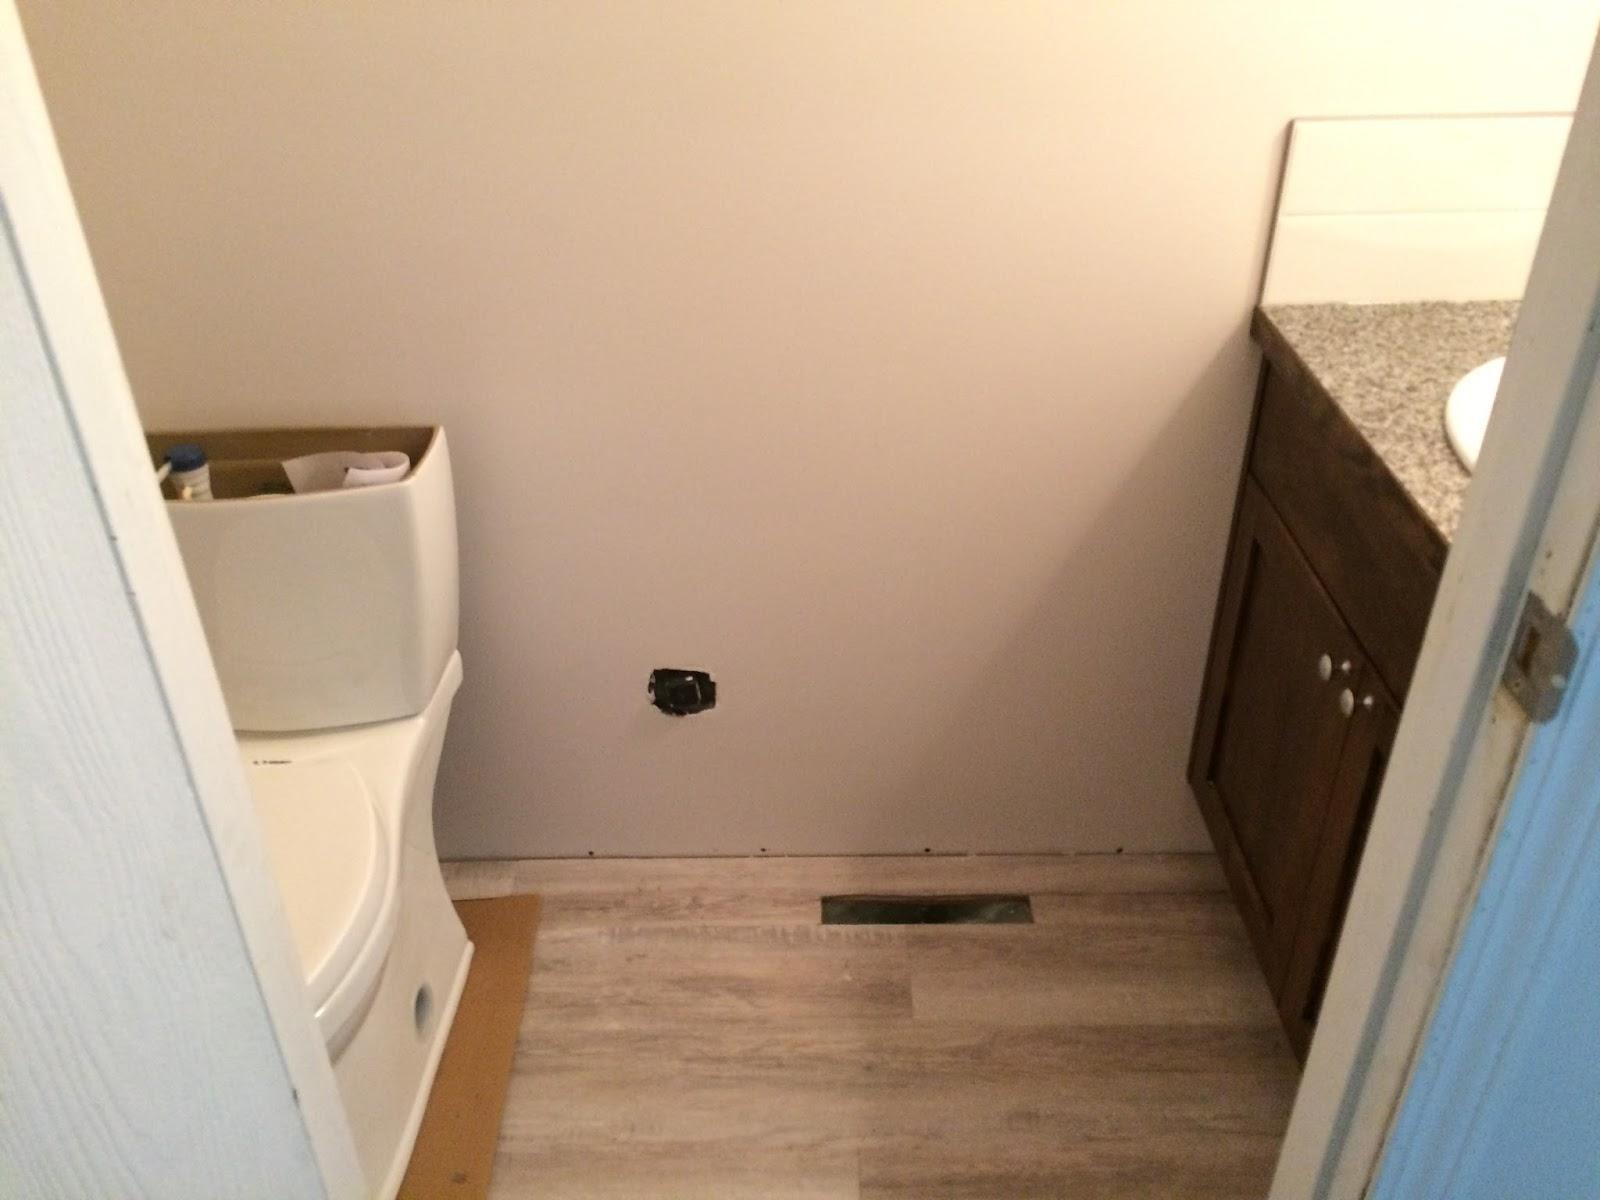 De bauers in canada badkamers renovatie - Wc met wastafel ...